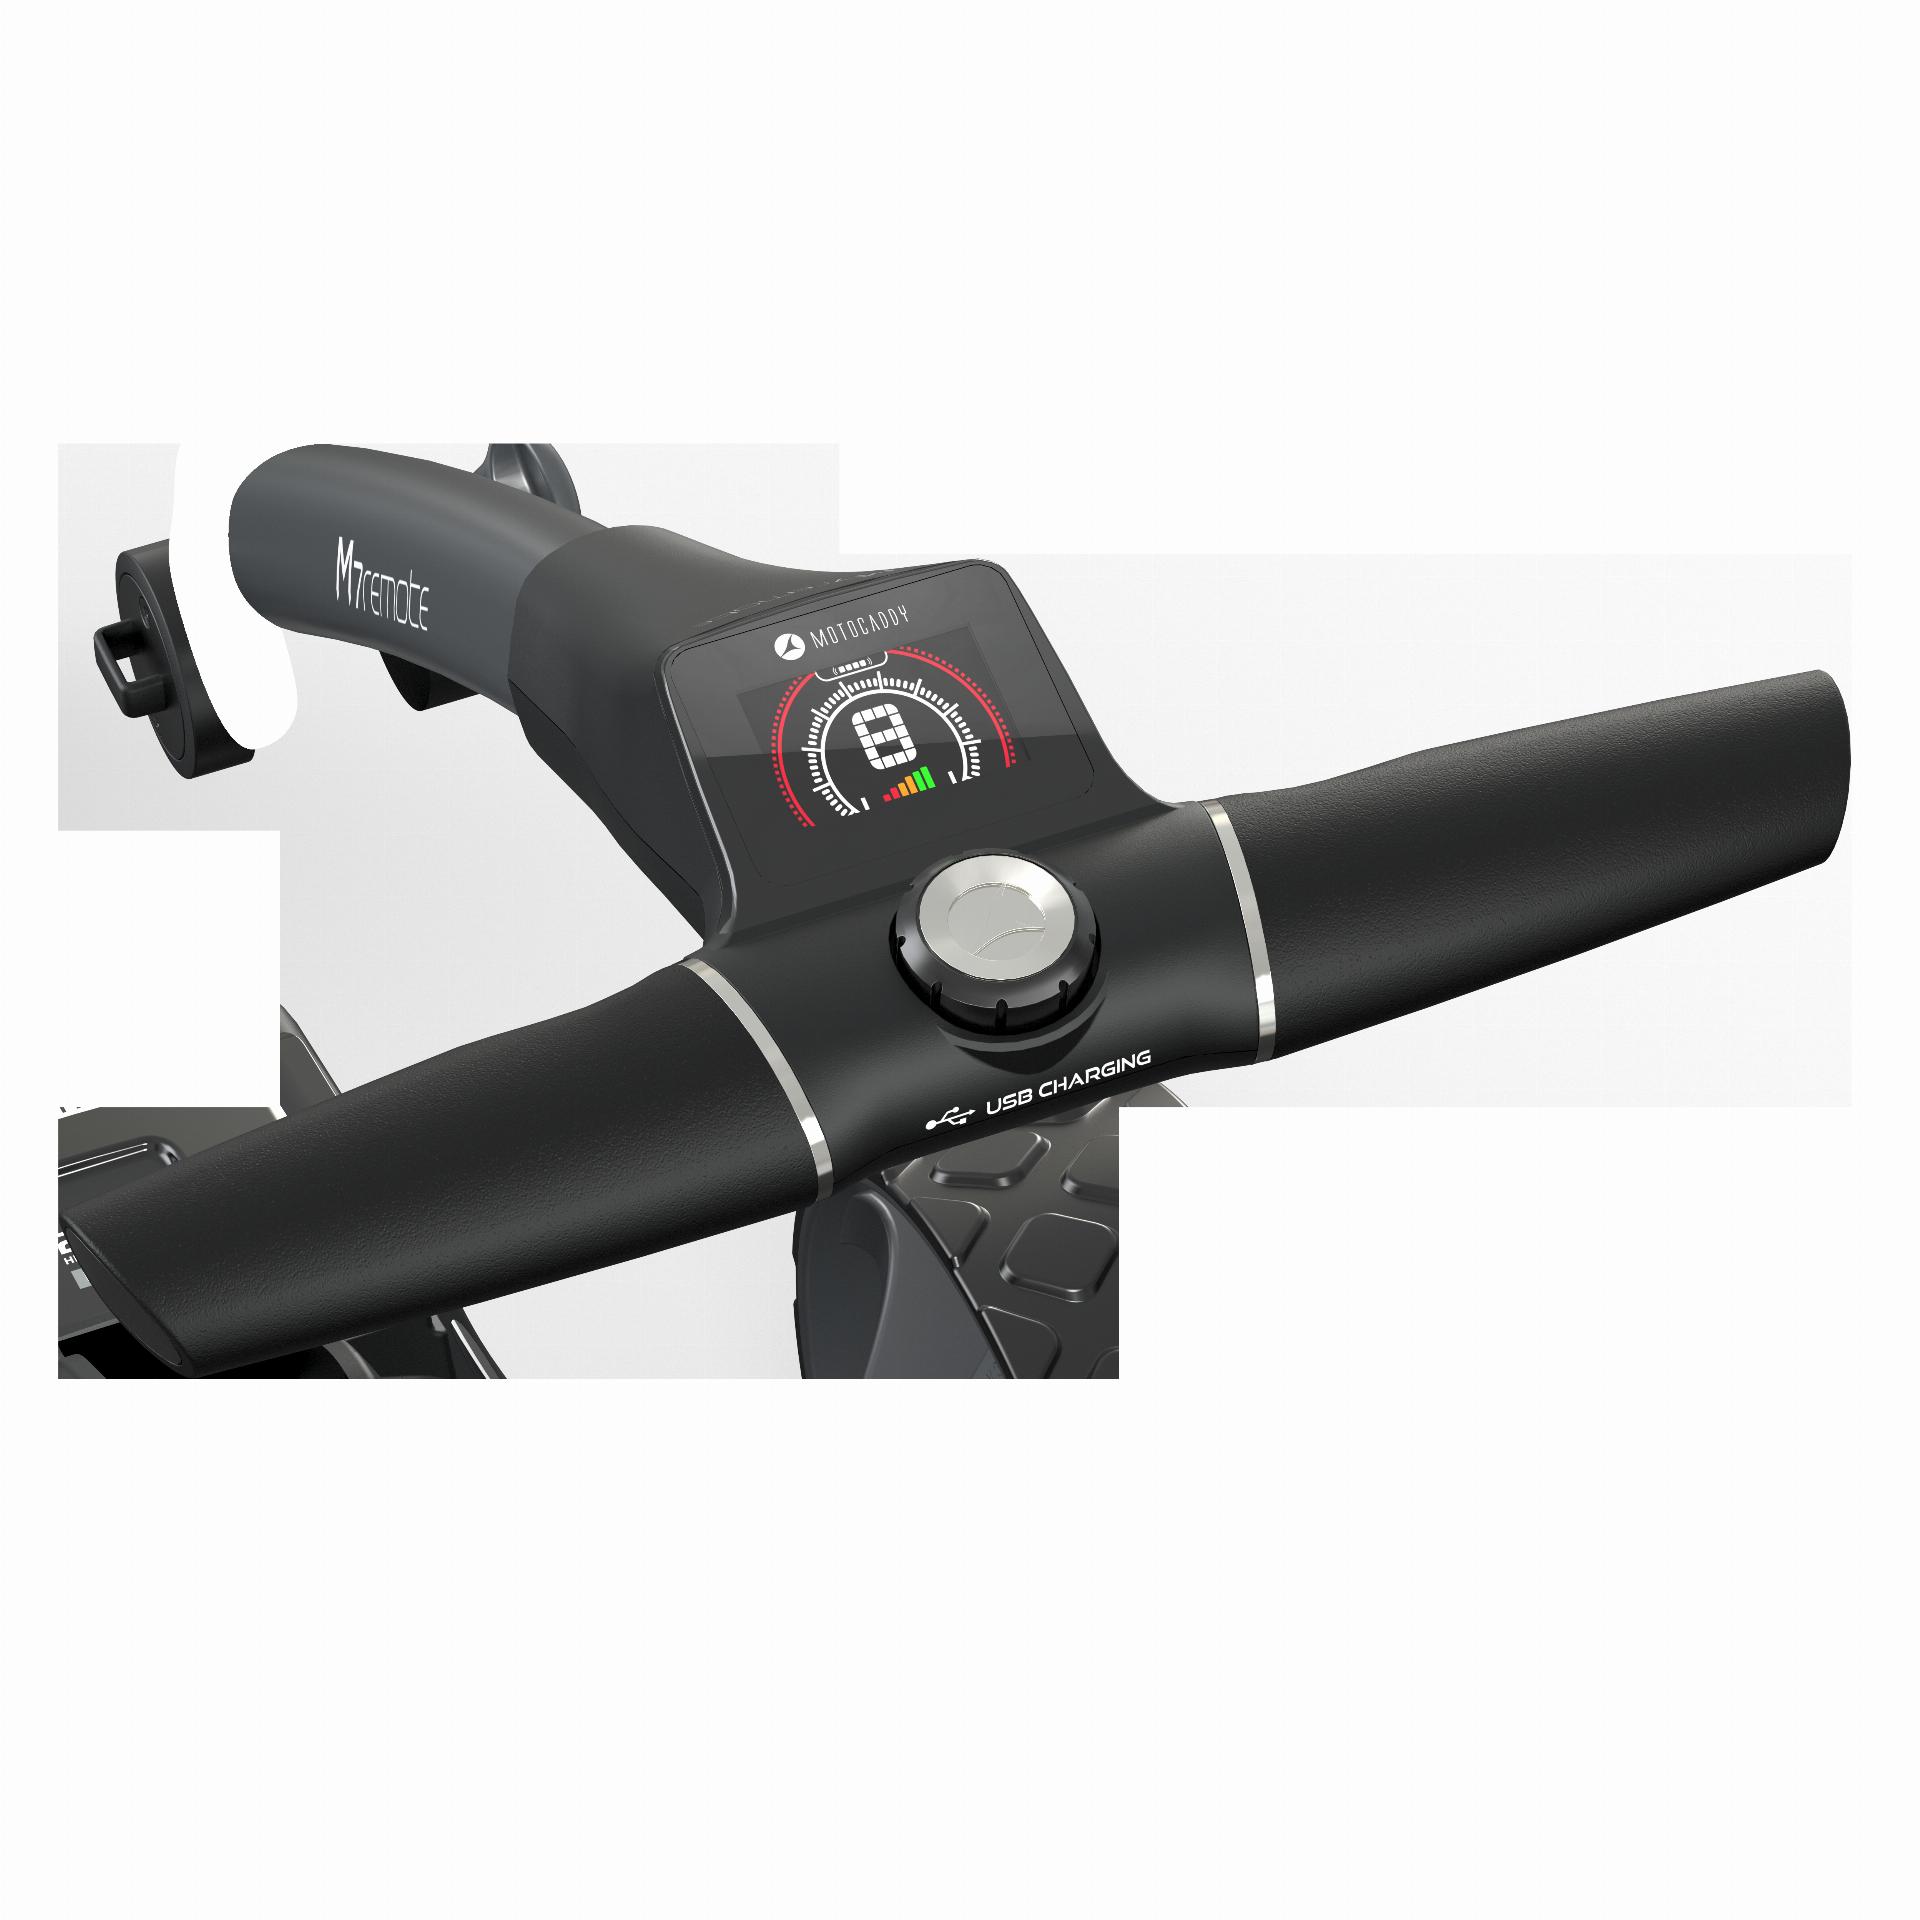 M7 Remote Elektrotrolley